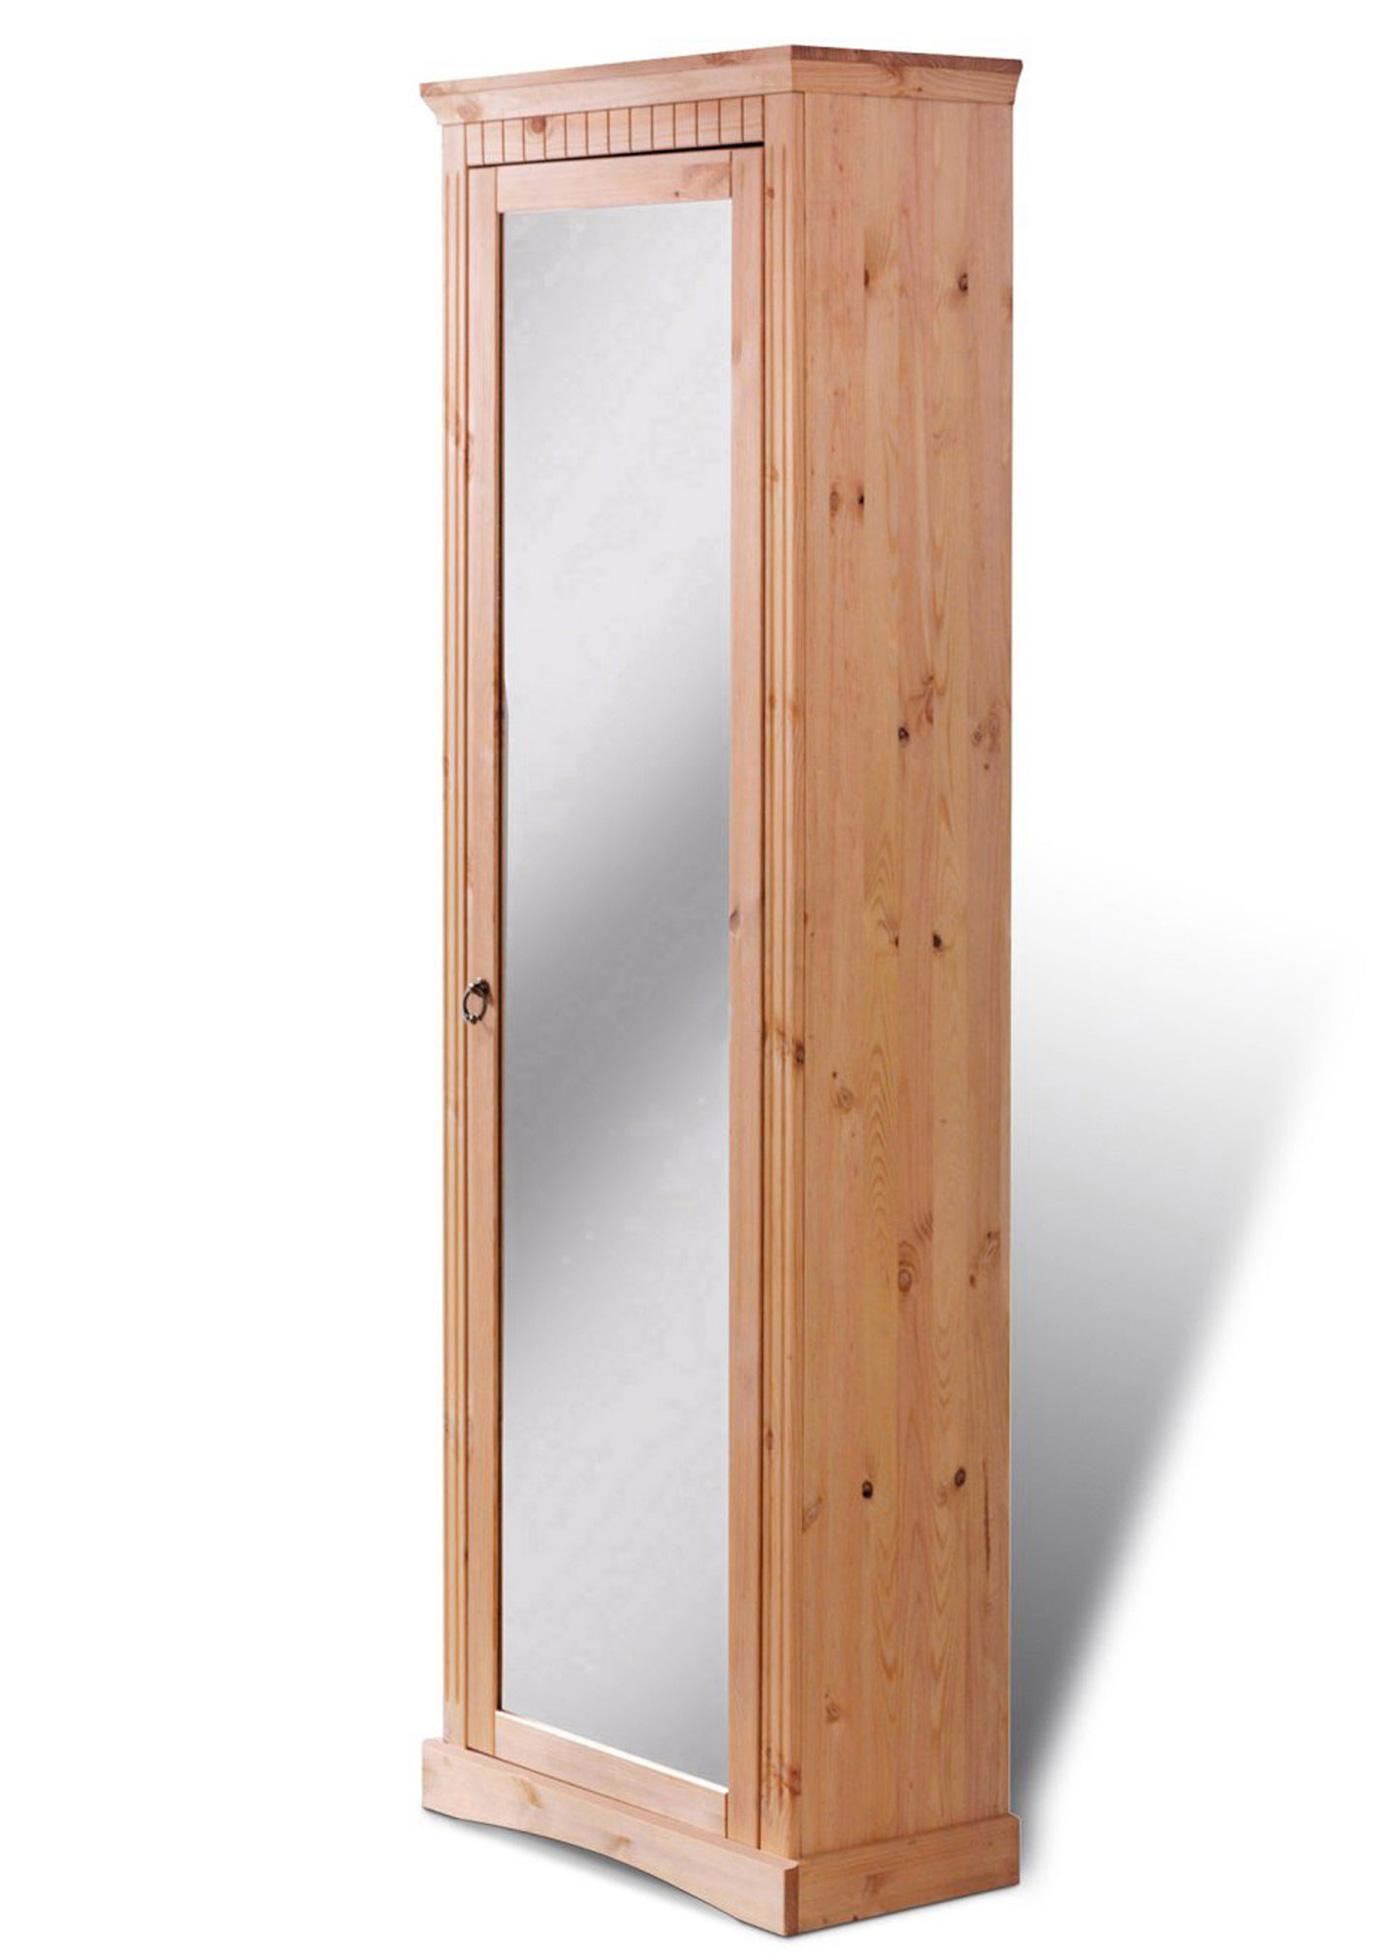 schuhschrank mit spiegel sonstige preisvergleiche. Black Bedroom Furniture Sets. Home Design Ideas